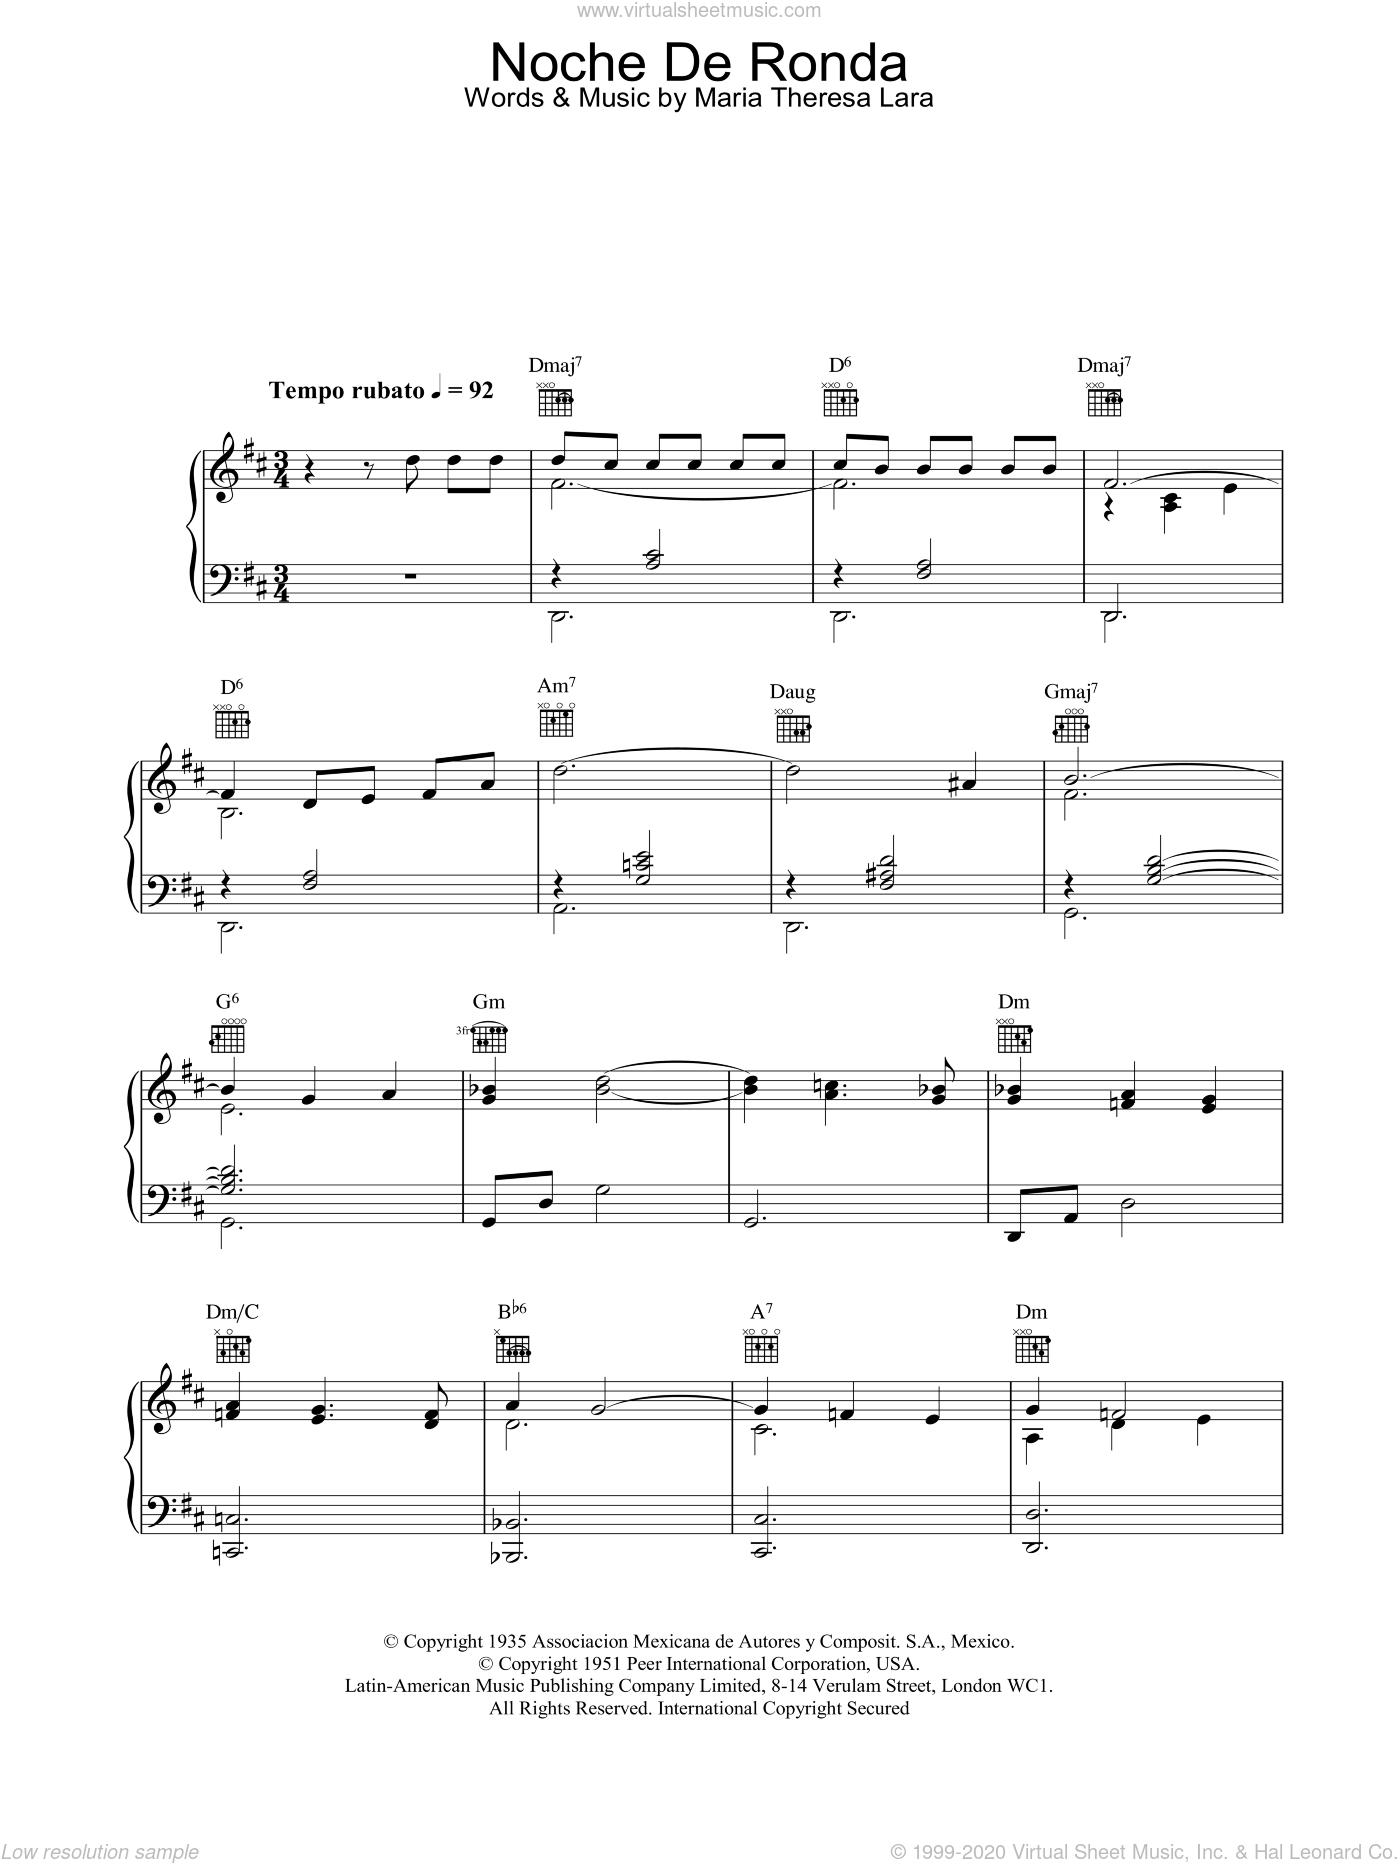 Noche De Ronda sheet music for voice, piano or guitar by Placido Domingo, classical score, intermediate skill level